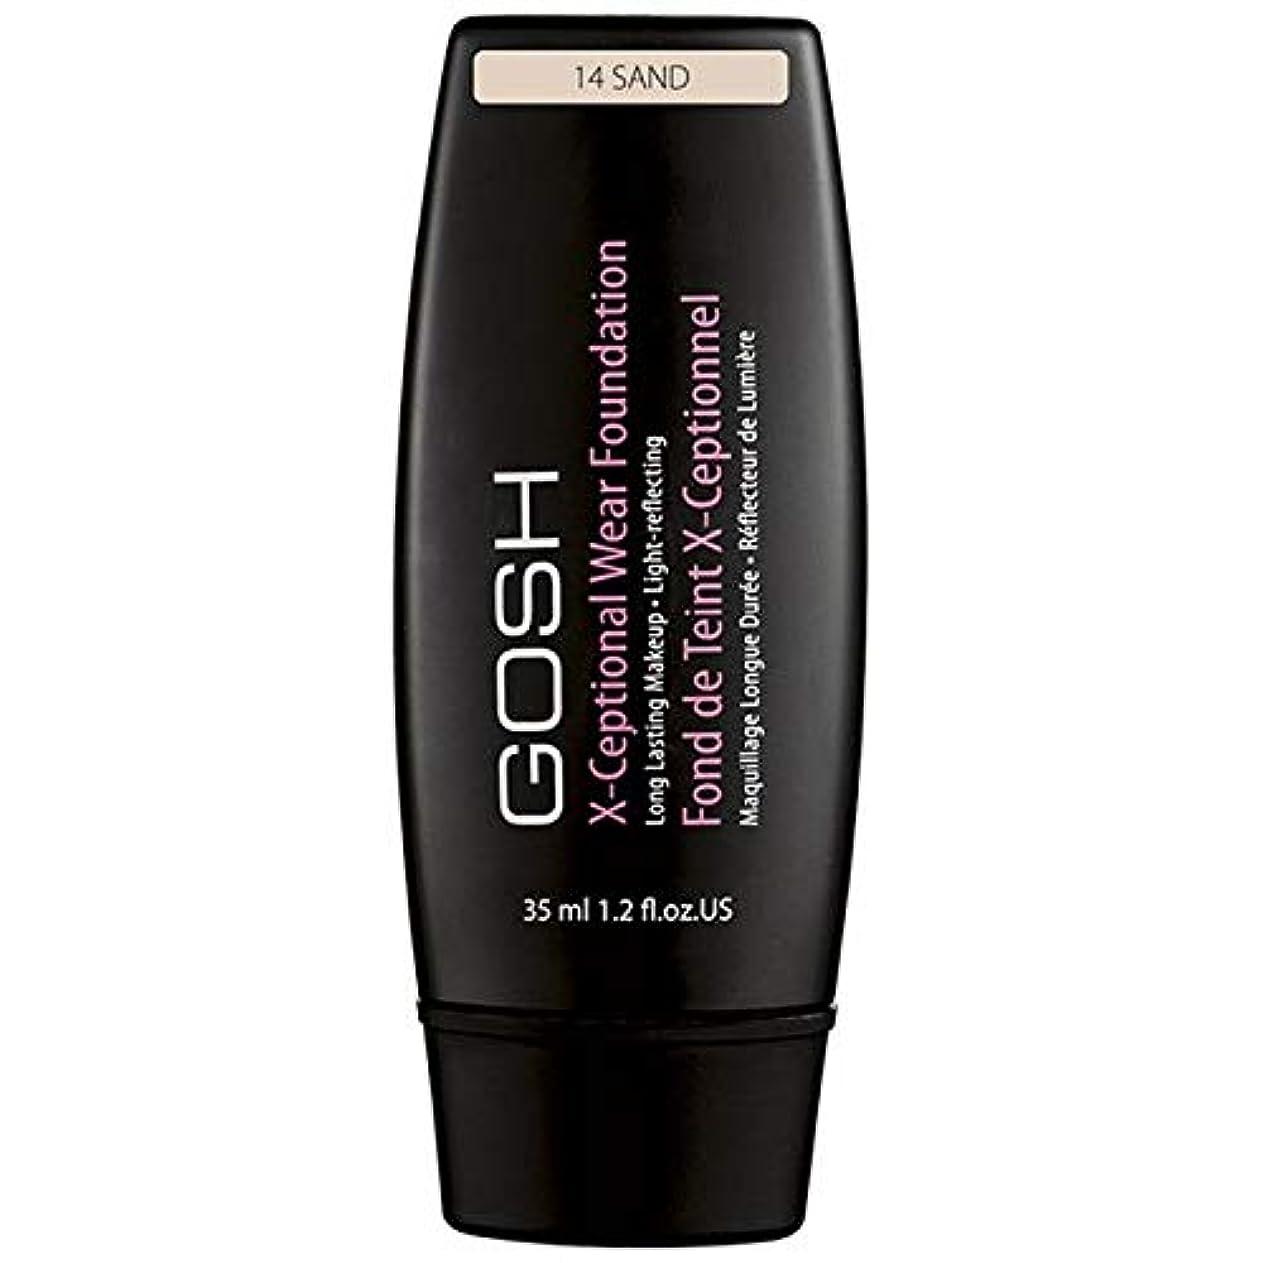 最悪導入する荷物[GOSH ] おやっX-Ceptional砂14を構成して着用 - Gosh X-Ceptional Wear Make Up Sand 14 [並行輸入品]